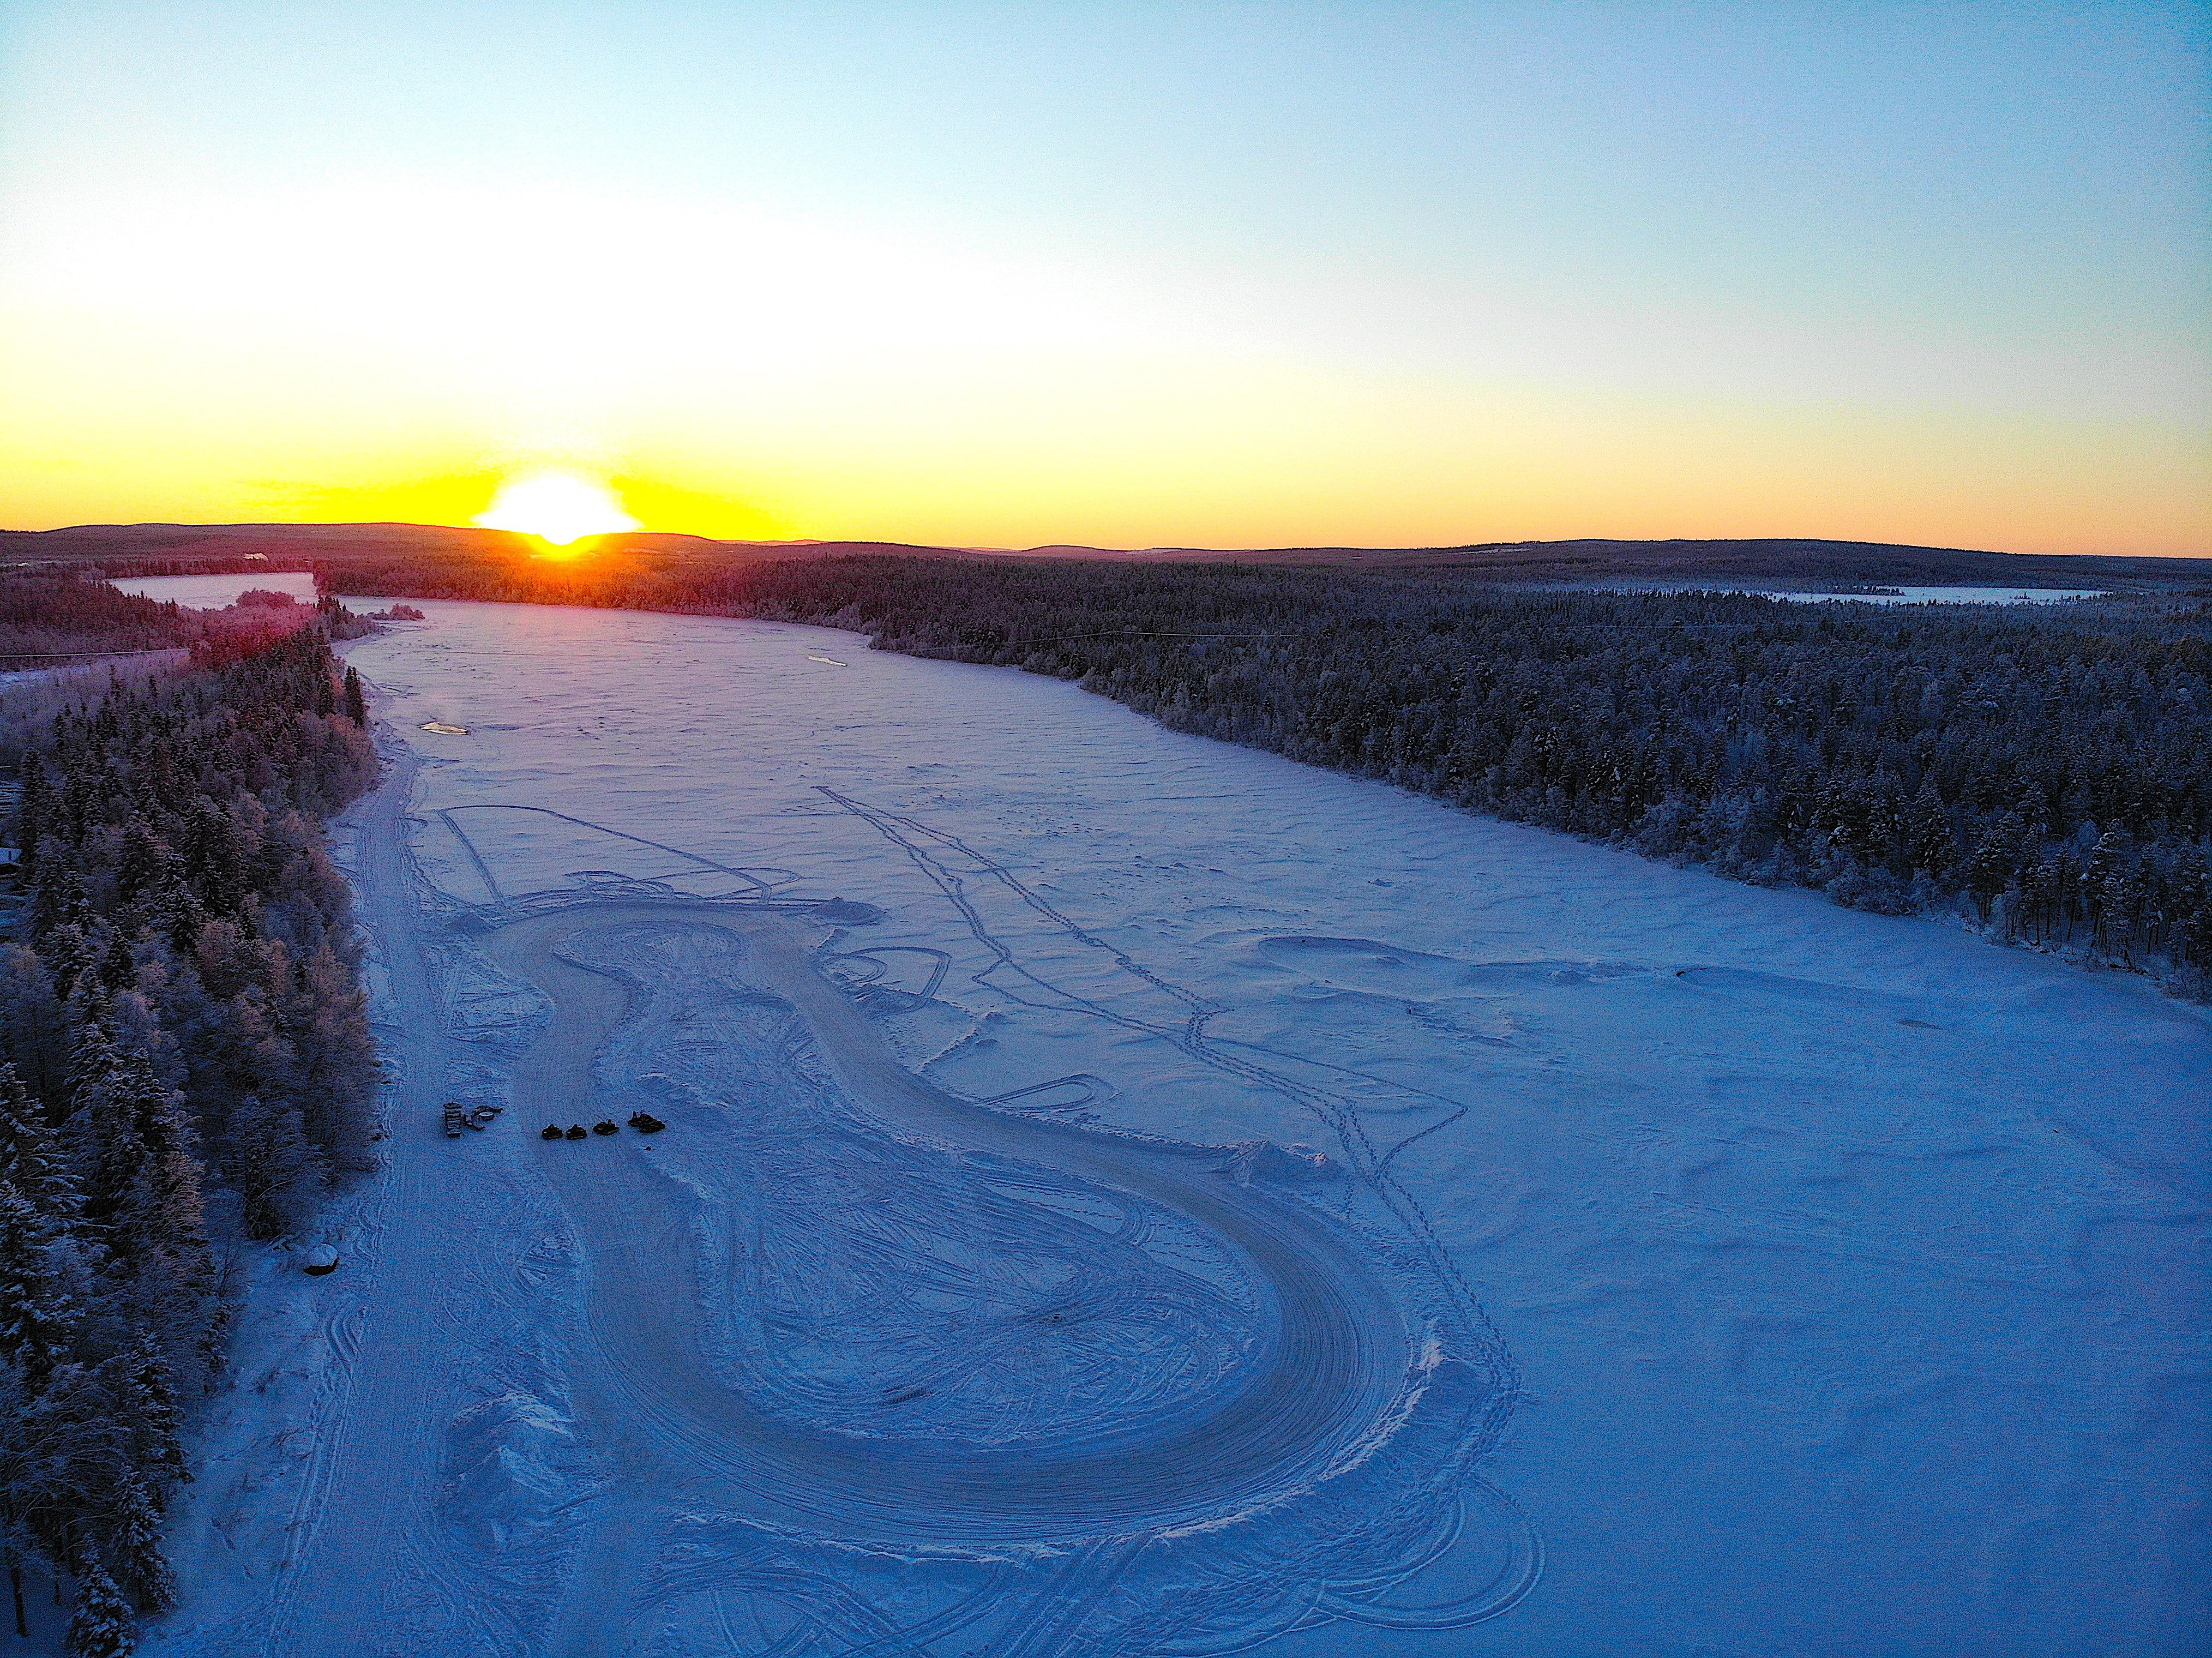 kart sur glace harriniva lever du soleil.jpg